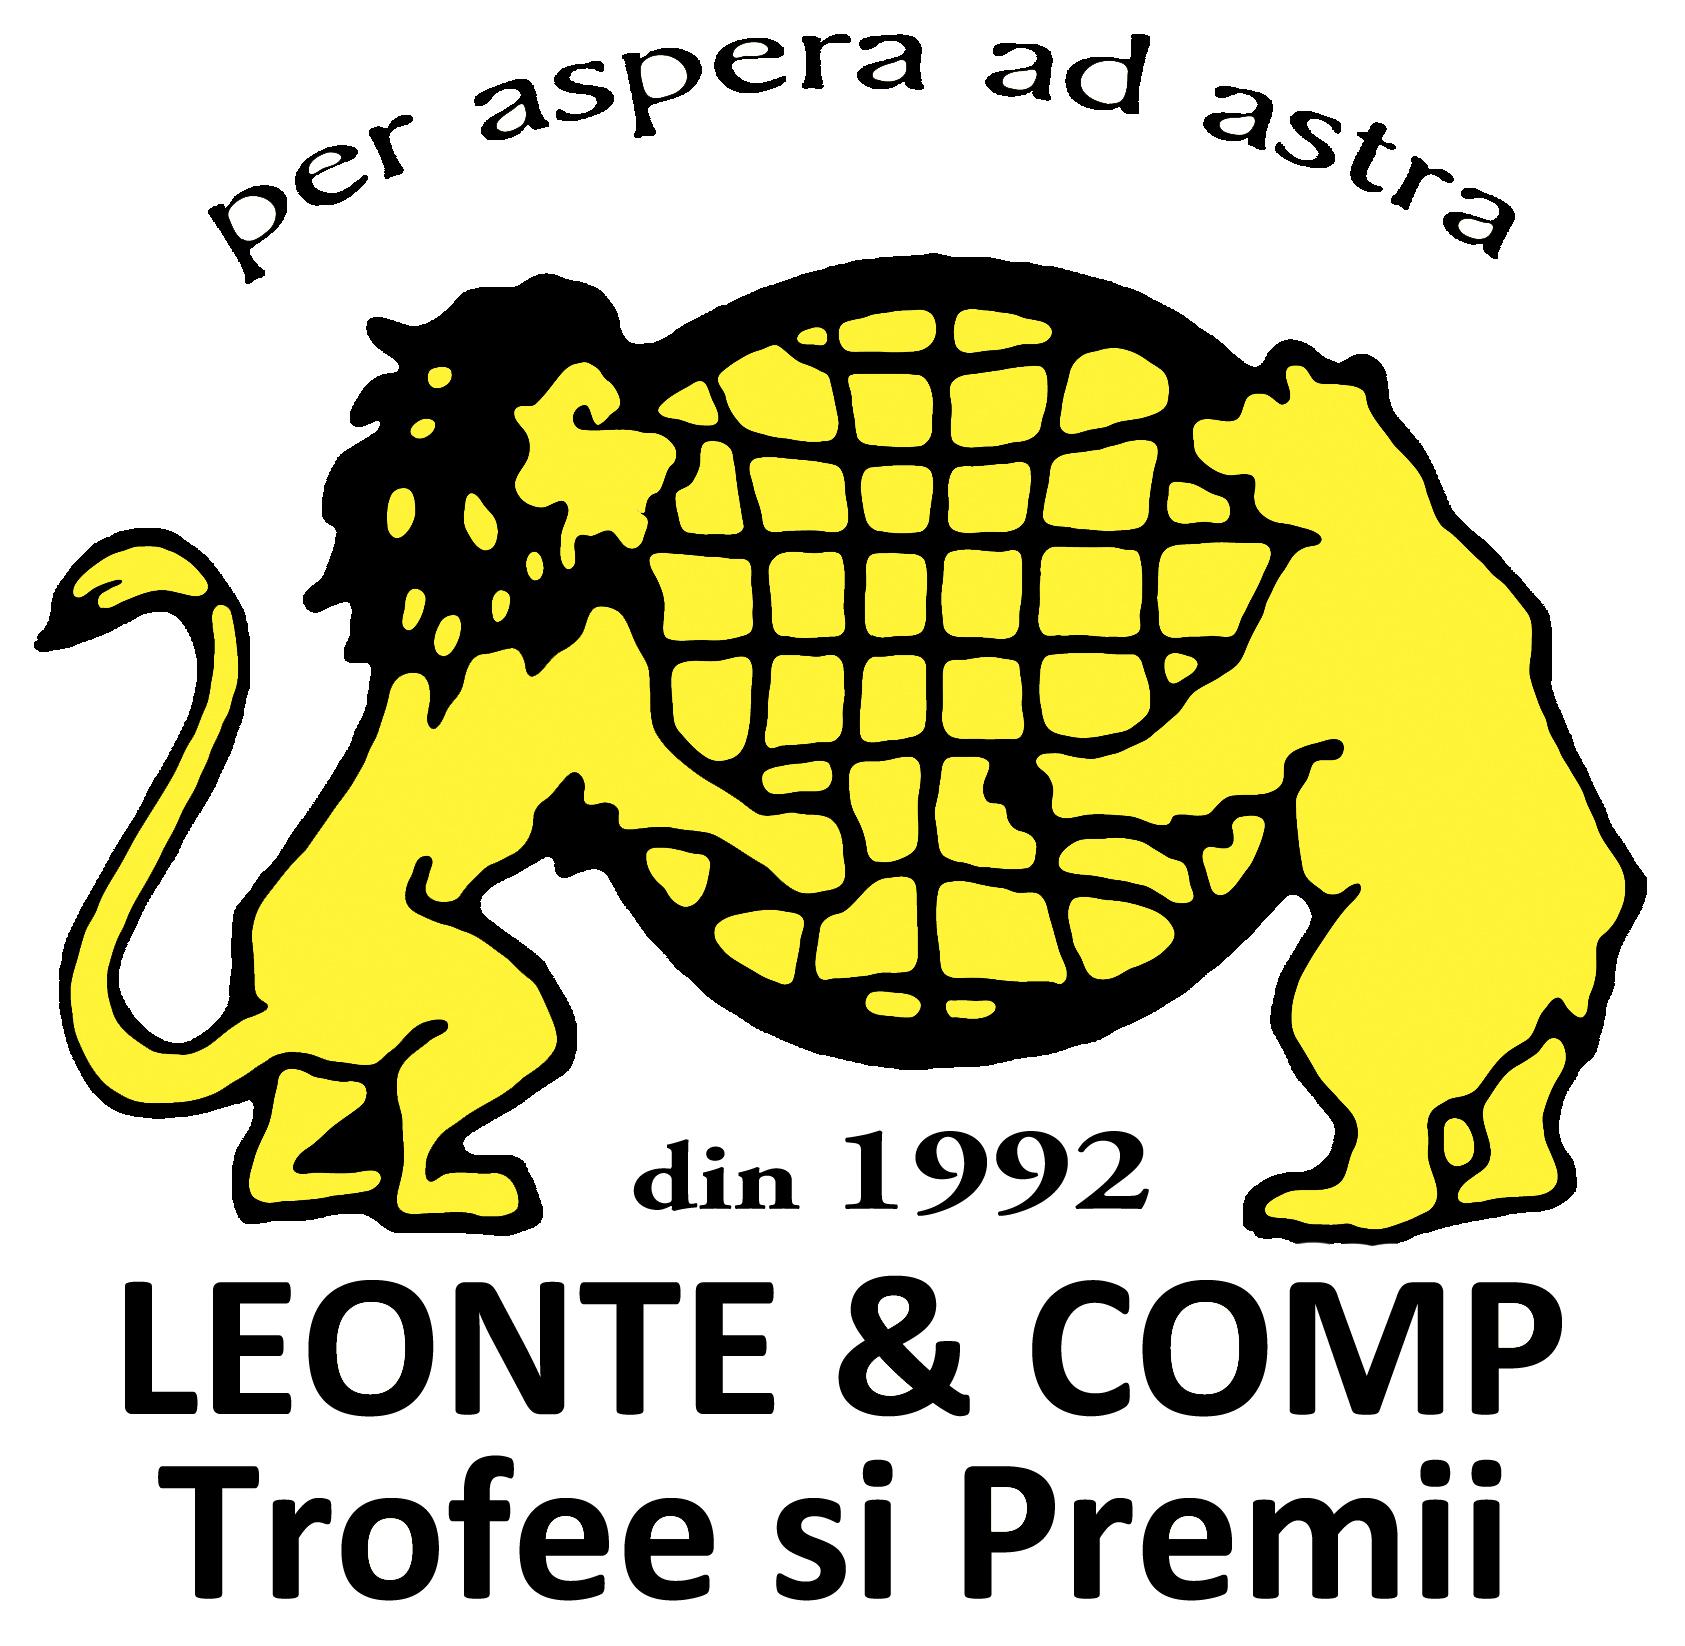 Leonte